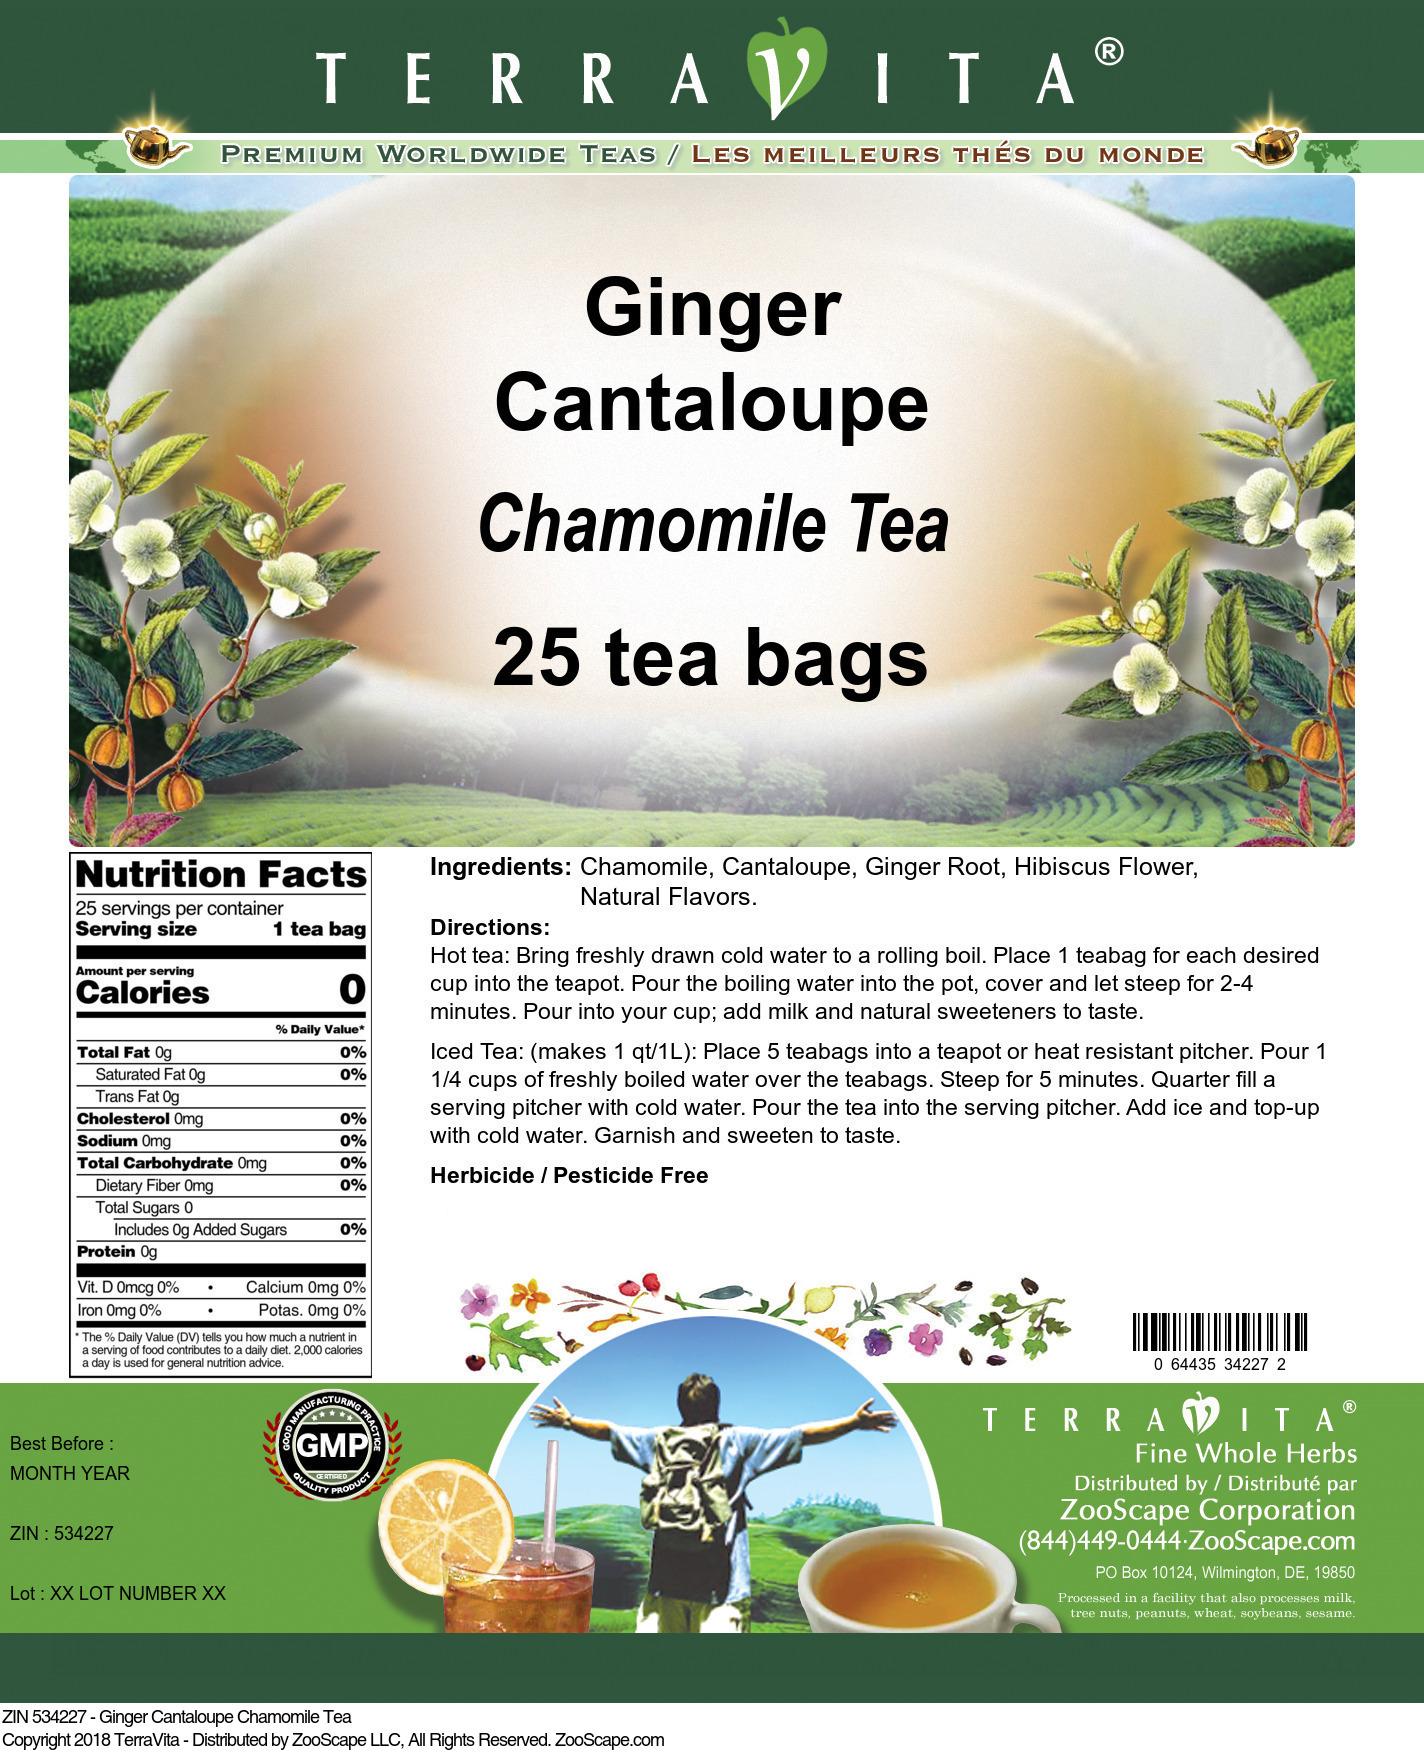 Ginger Cantaloupe Chamomile Tea